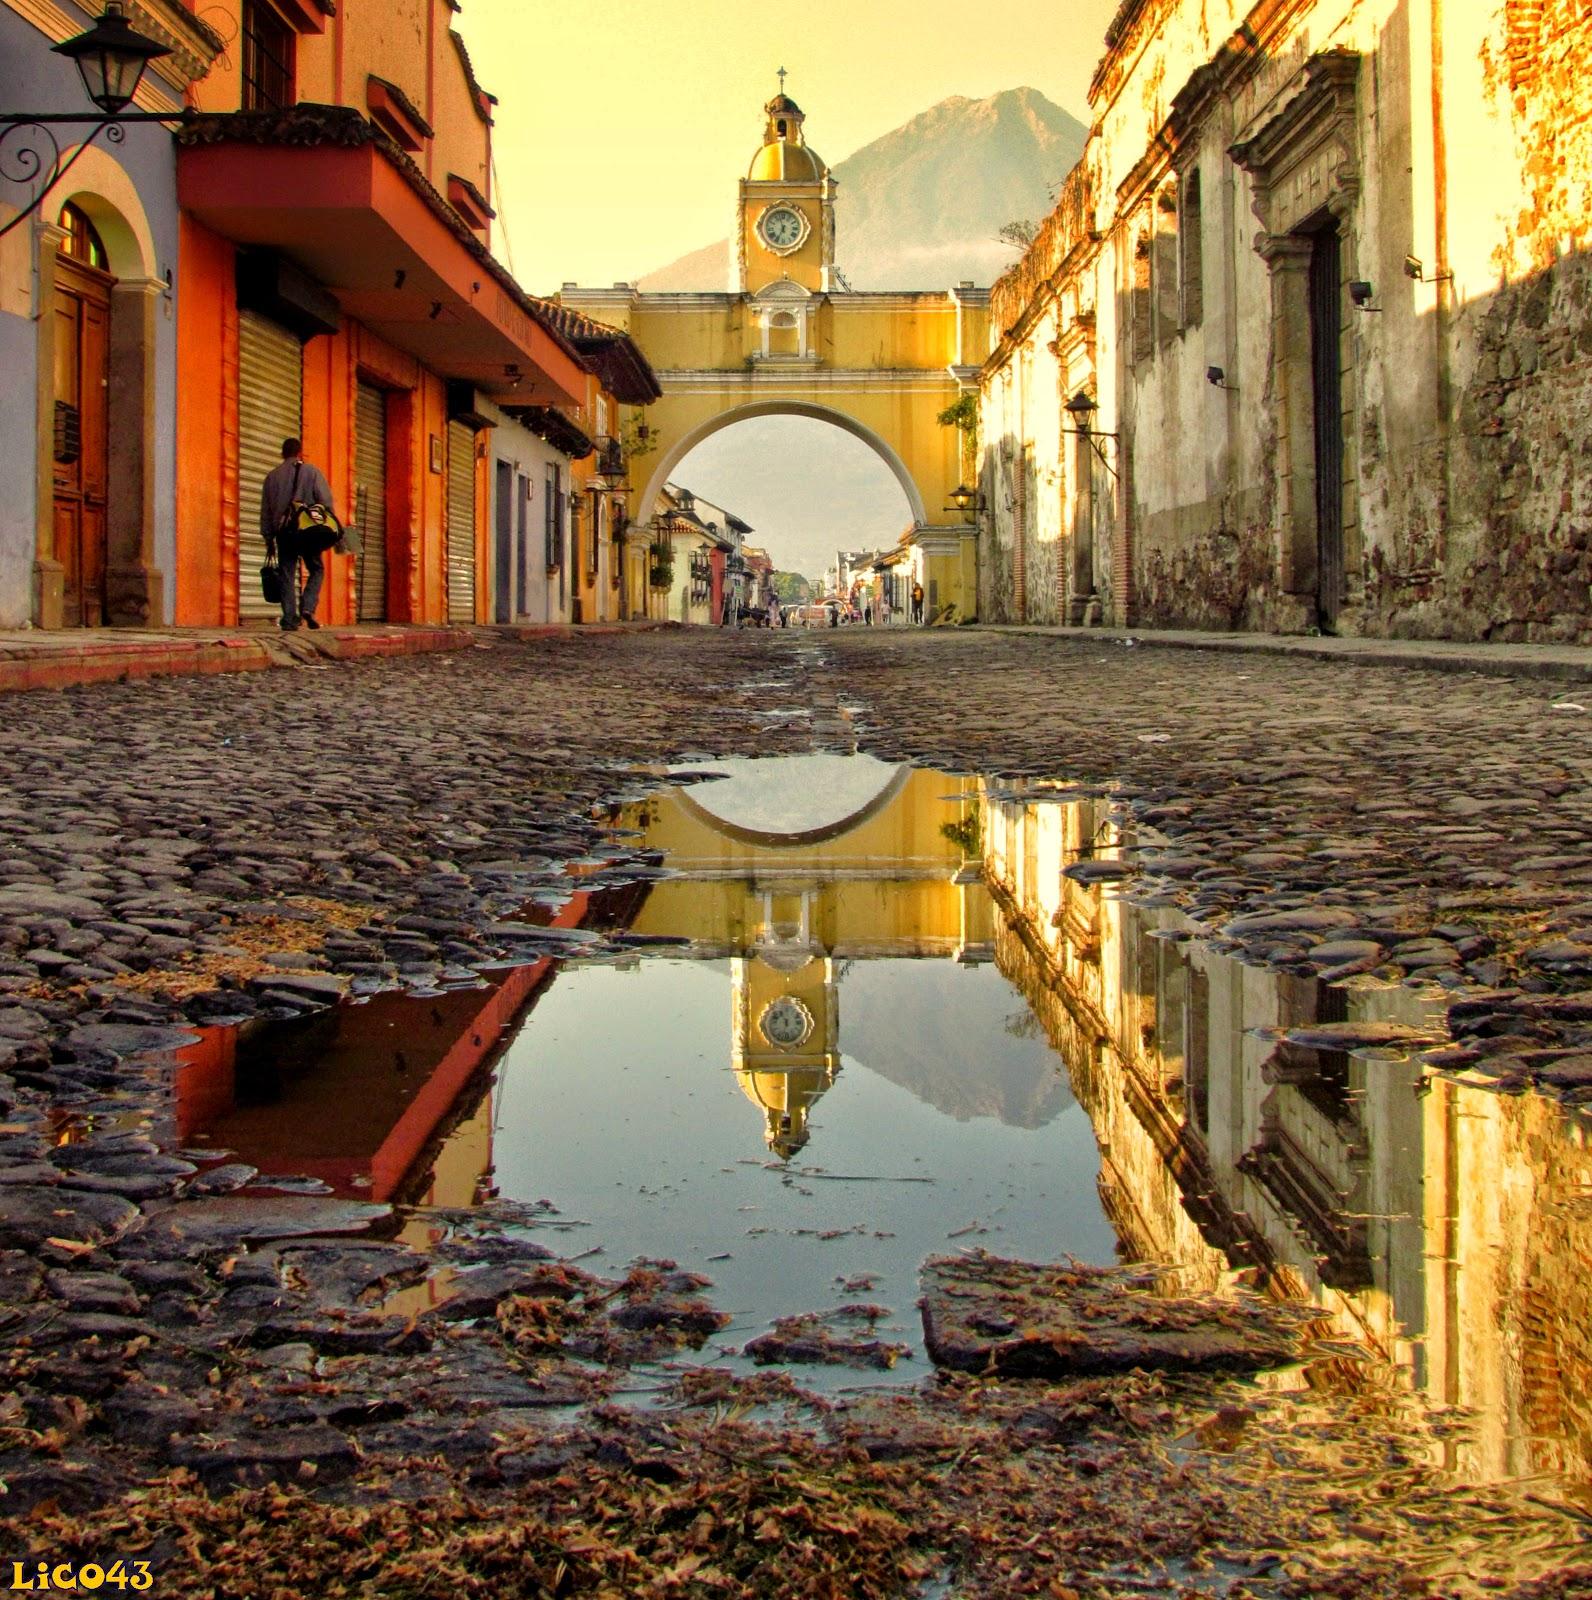 Paisajes de Guatemala   VillaGT - Belleza, humor y cultura de ...